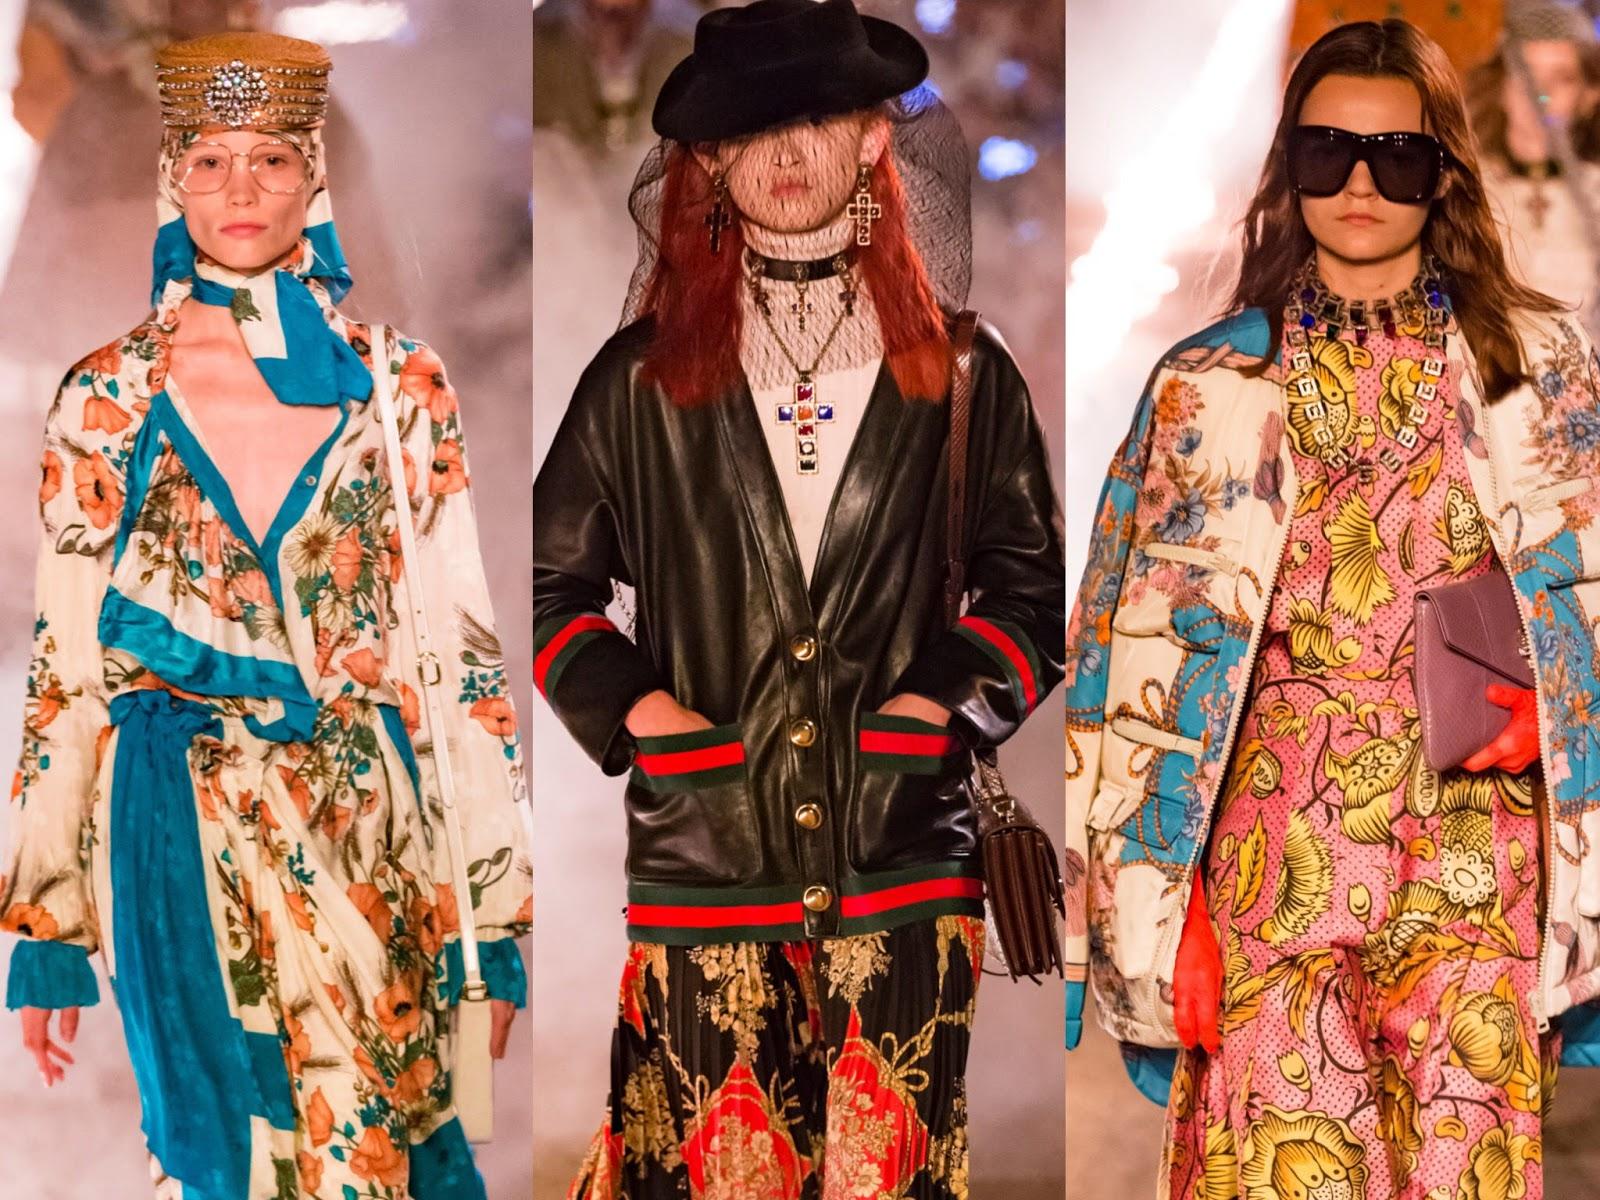 Türkiye'nin İlk Tasarım İç Giyim Markası La Dolce Passione ve Yaratıcısı Tuğçe Özimir Erkin Röportajı 74